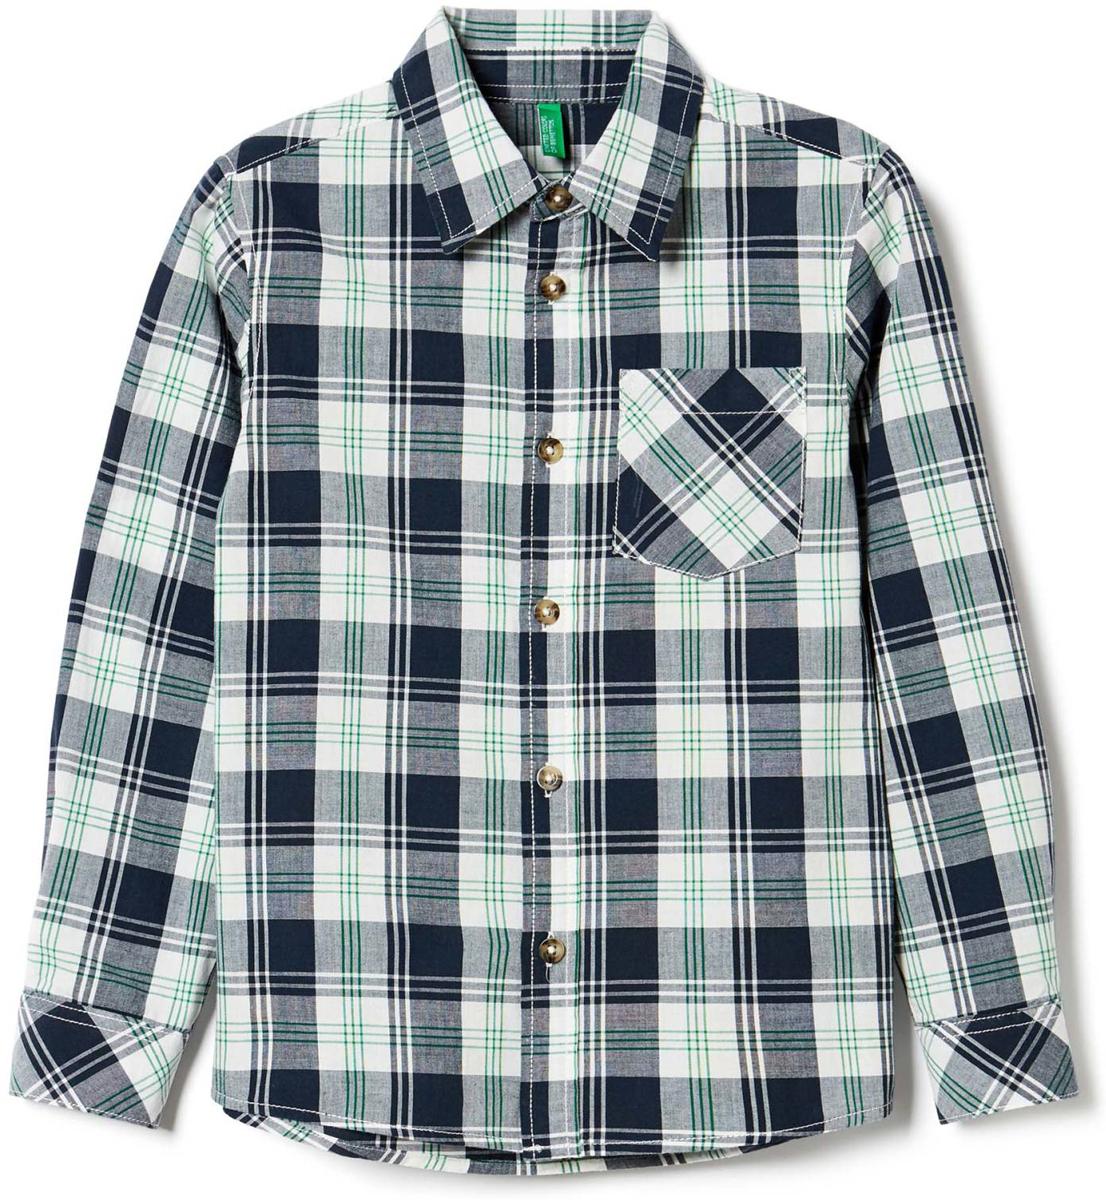 Рубашка для мальчика United Colors of Benetton, цвет: темно-синий. 5FU95Q930_926. Размер 1505FU95Q930_926Рубашка для мальчика United Colors of Benetton выполнена из натурального хлопка. Модель с отложным воротником застёгивается на пуговицы.